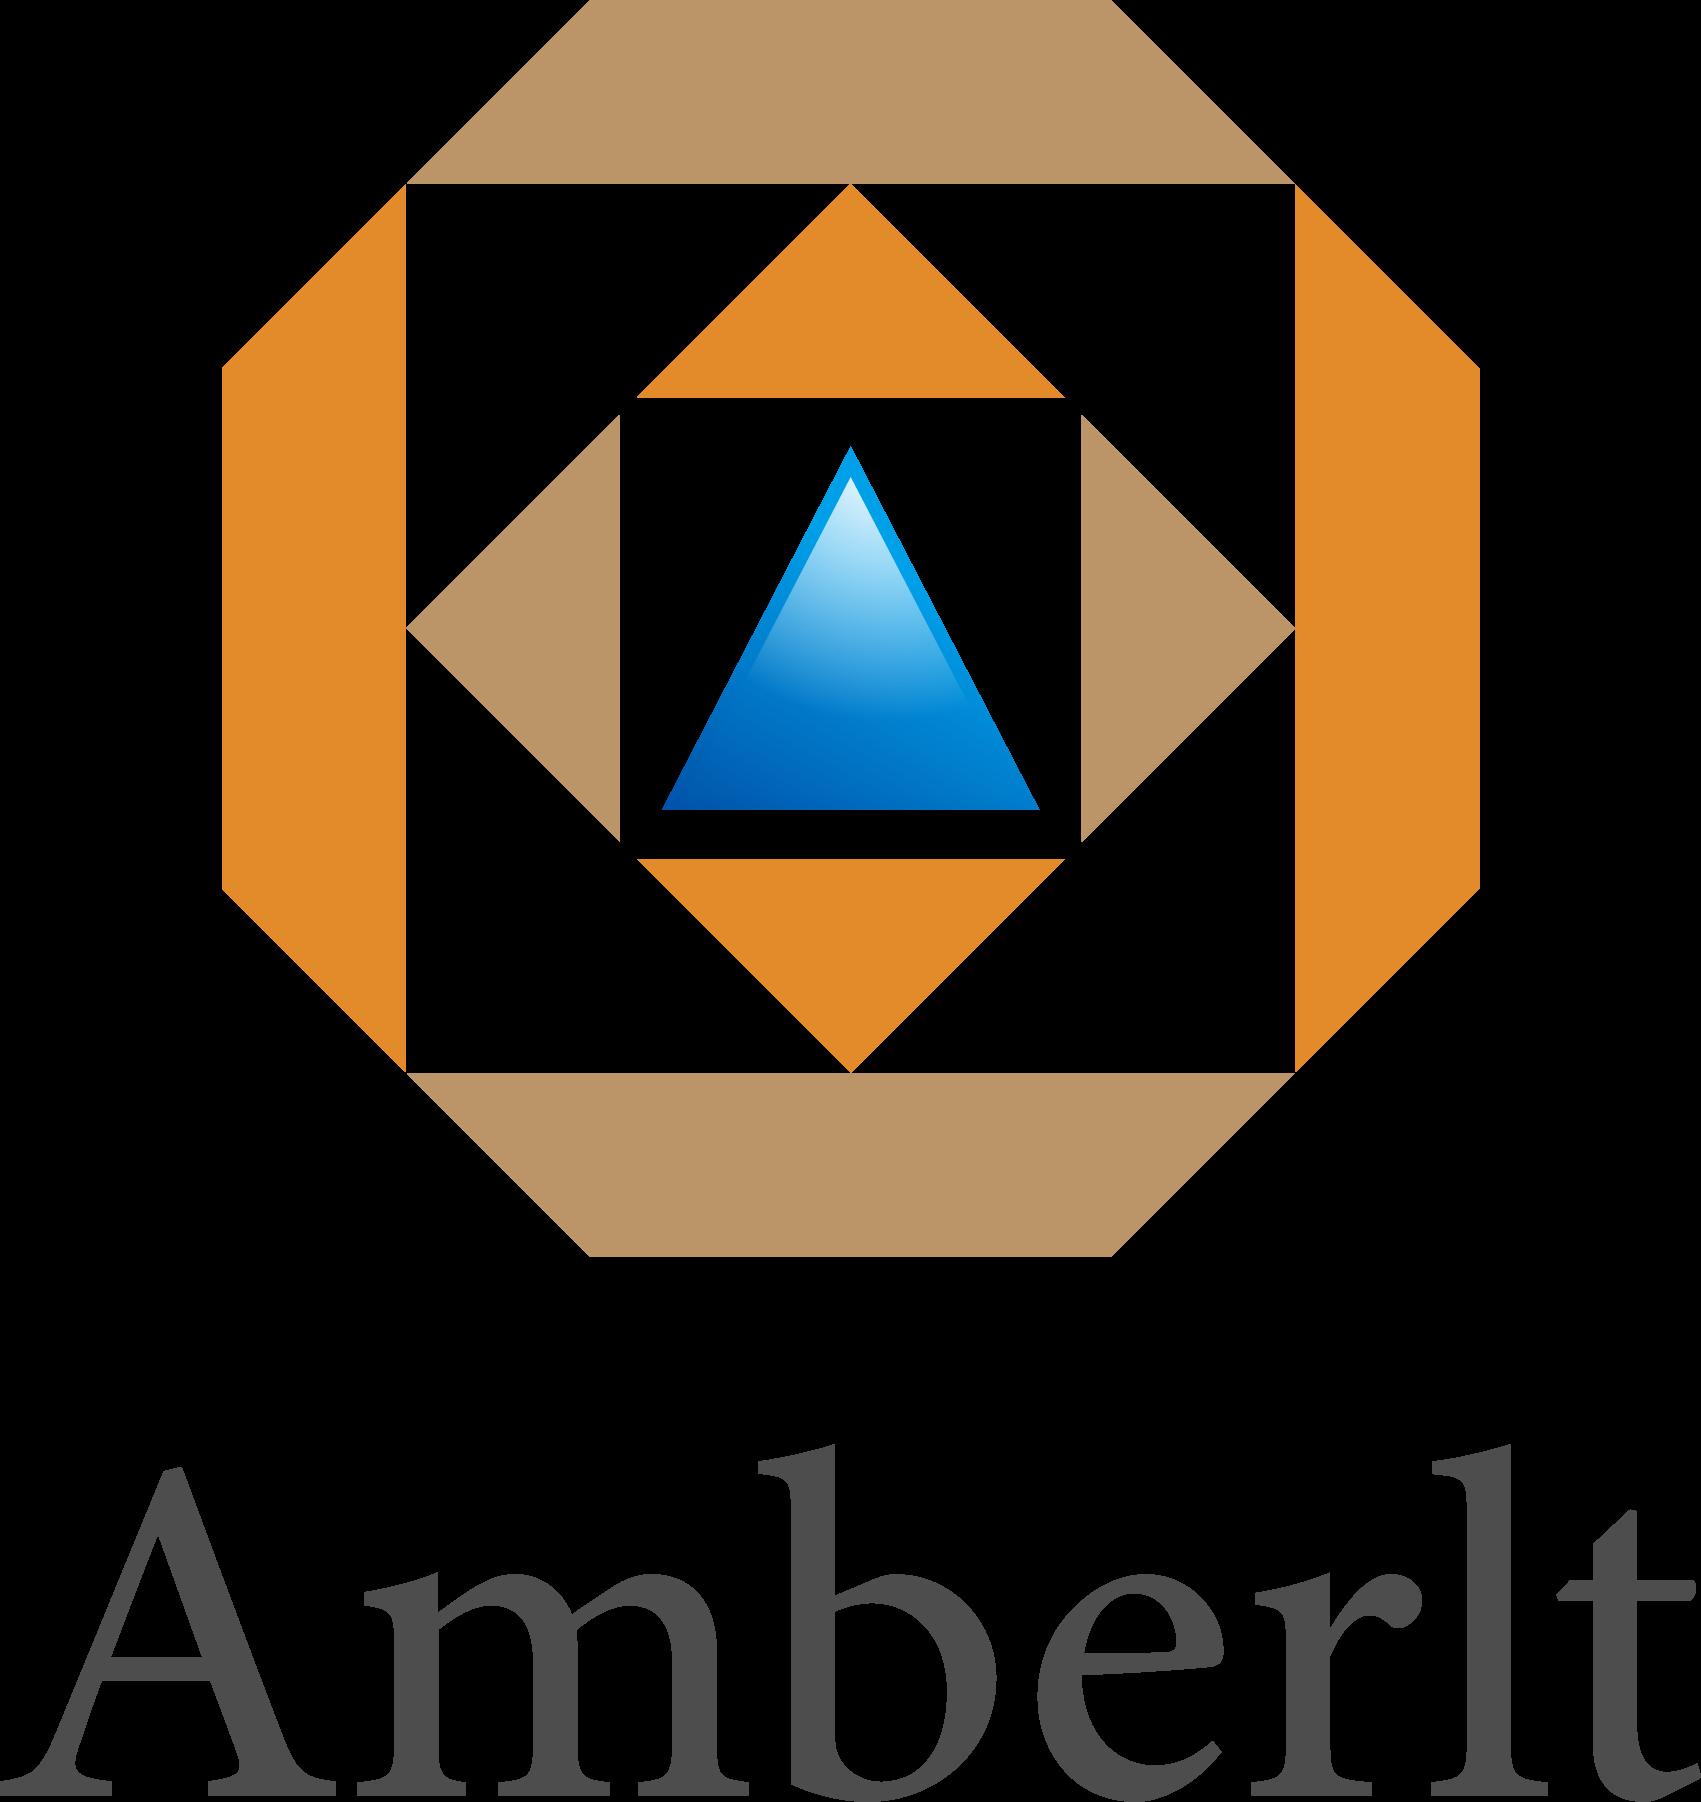 """クラウドでは実現できない""""真のデータ保存"""" データ保全サービス「Amberlt」がリリース"""